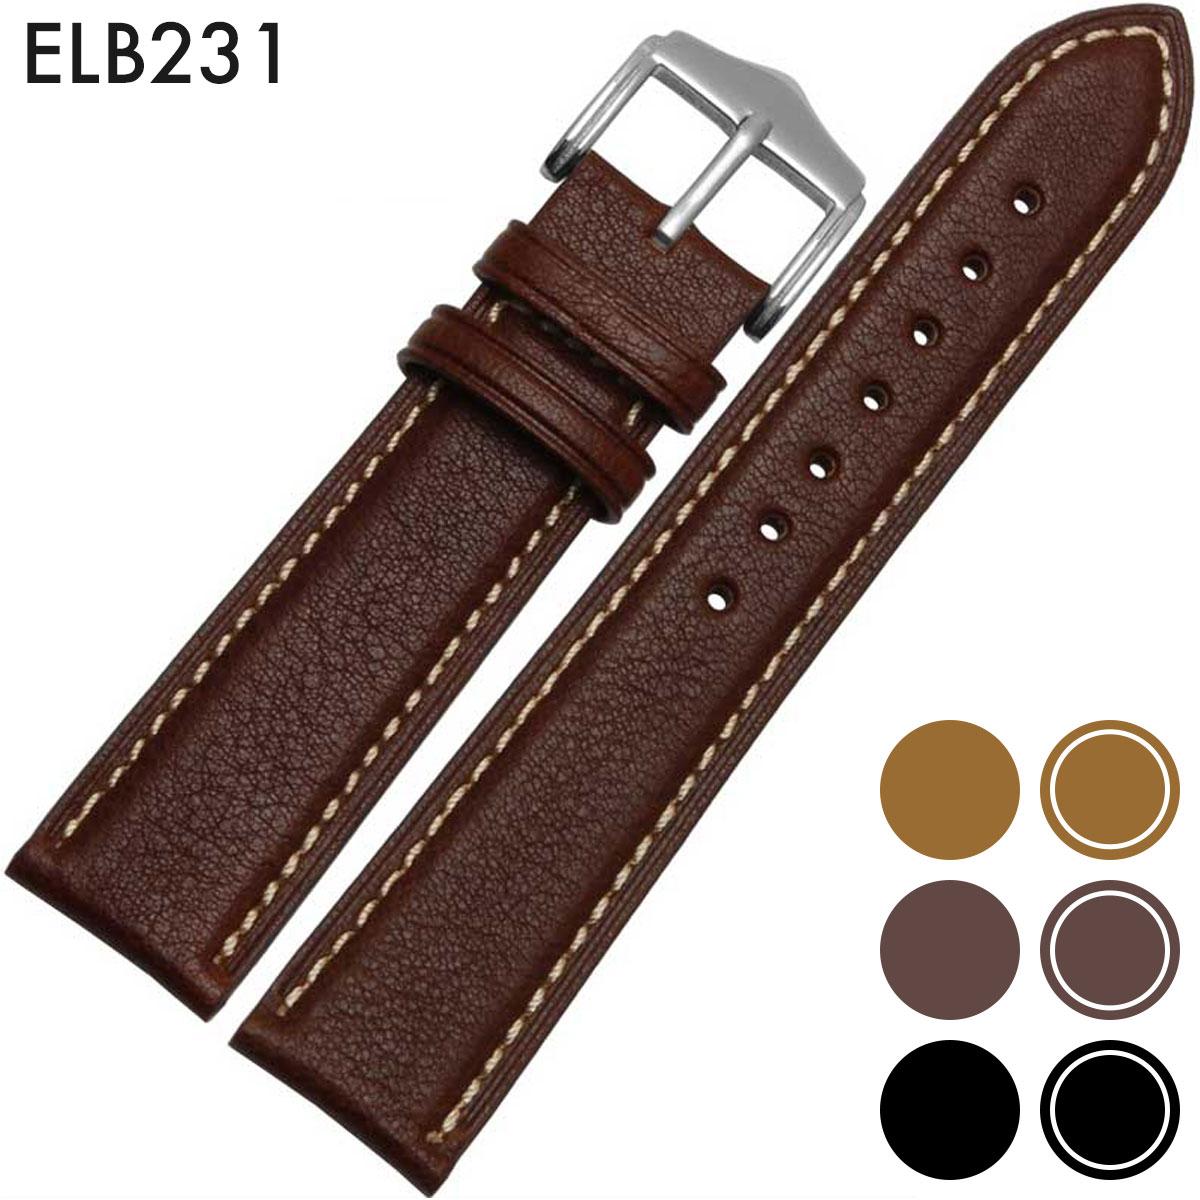 【メール便送料無料】 腕時計ベルト 腕時計バンド 替えストラップ 社外品 汎用レザーベルト 革ベルト 取付幅18mm/20mm/22mm/24mm 適用: SEIKO セイコー、CITIZEN シチズン (尾錠)ピンバックル付き [ Eight - ELB231 ]